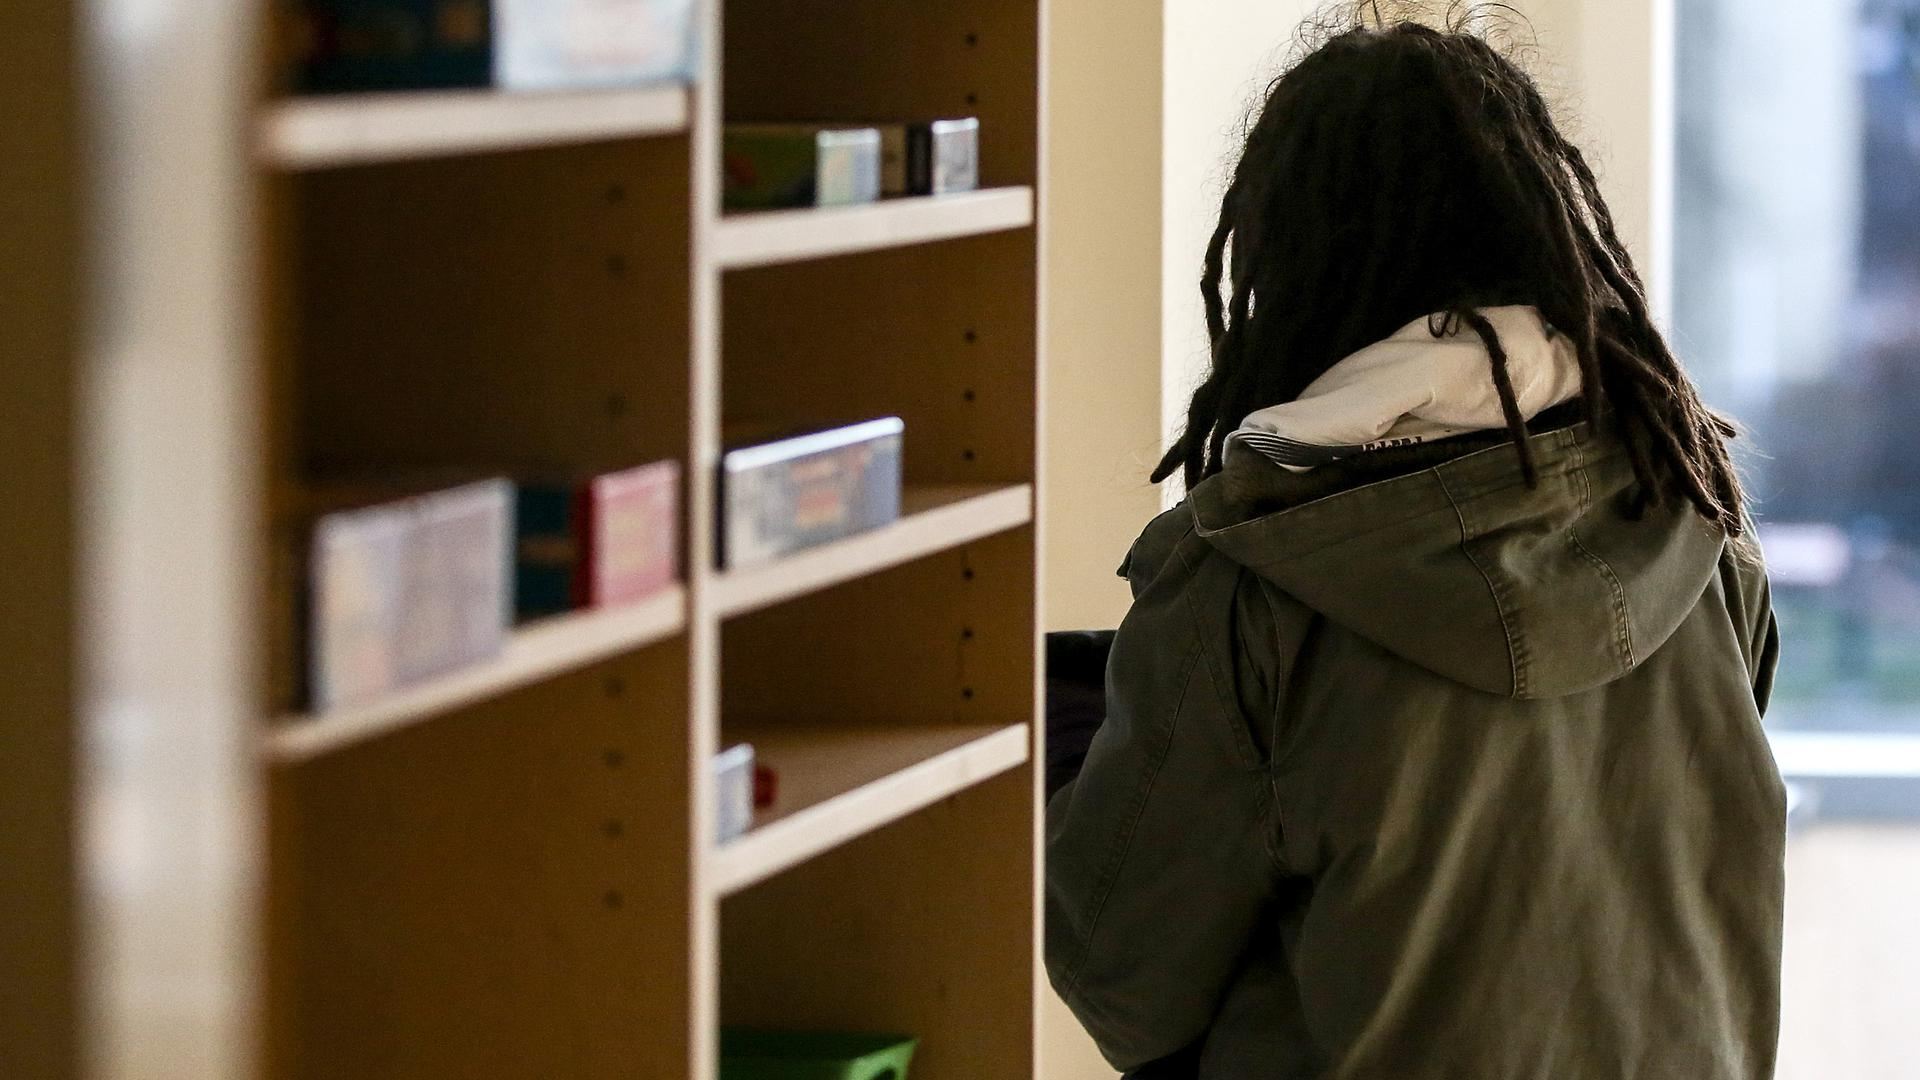 Verzweiflung: Kinder und Jugendliche mit seelischen Problemen stellt die Pandemie-Zeit oft vor besondere Herausforderungen.